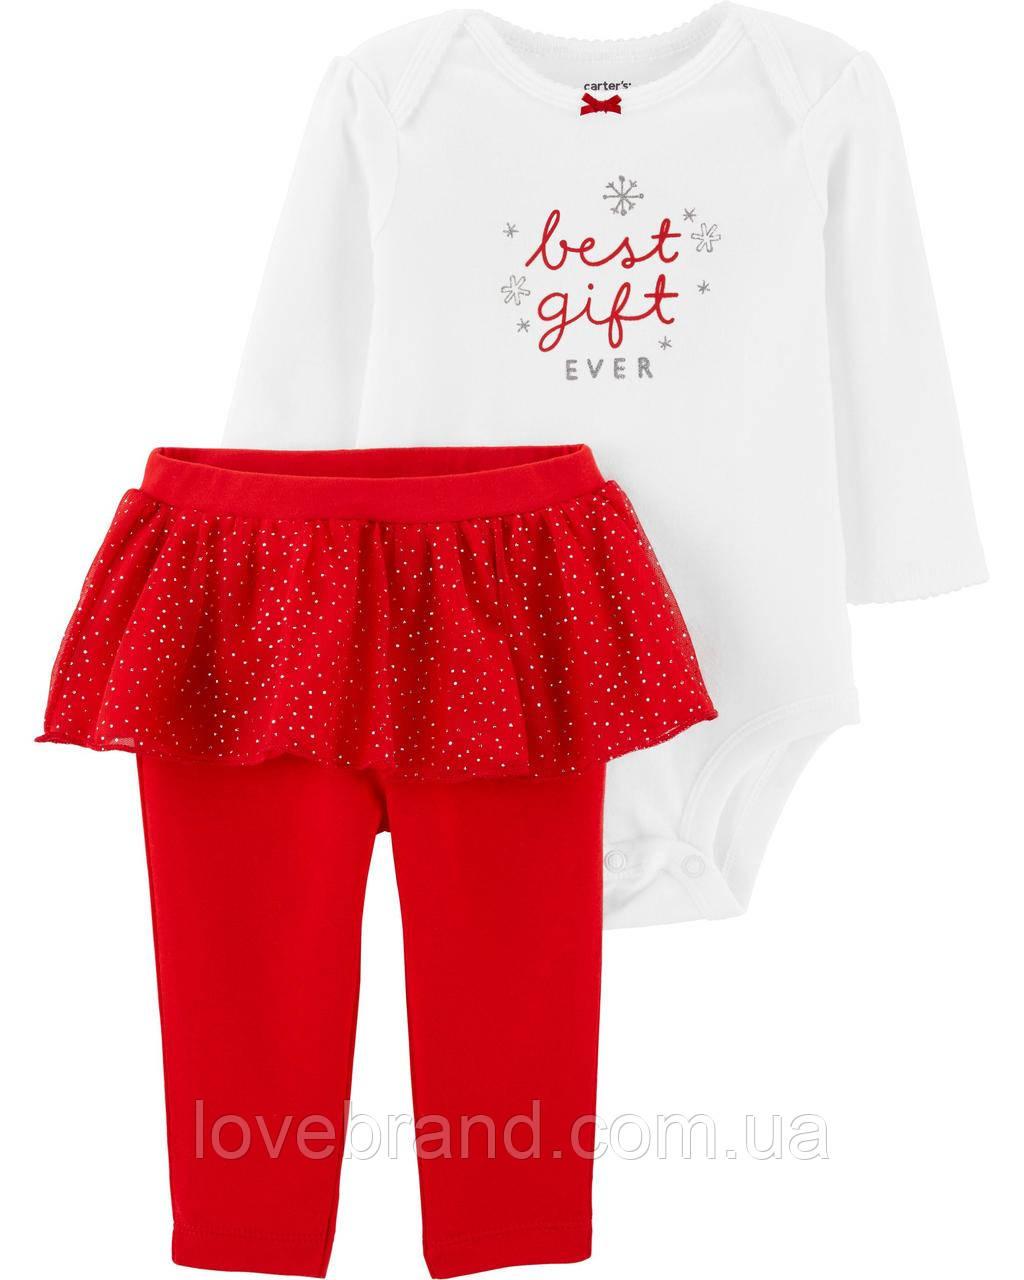 """Новогодний набор для девочки Carter's боди + штанишки-пачка """"Лучший подарок"""""""